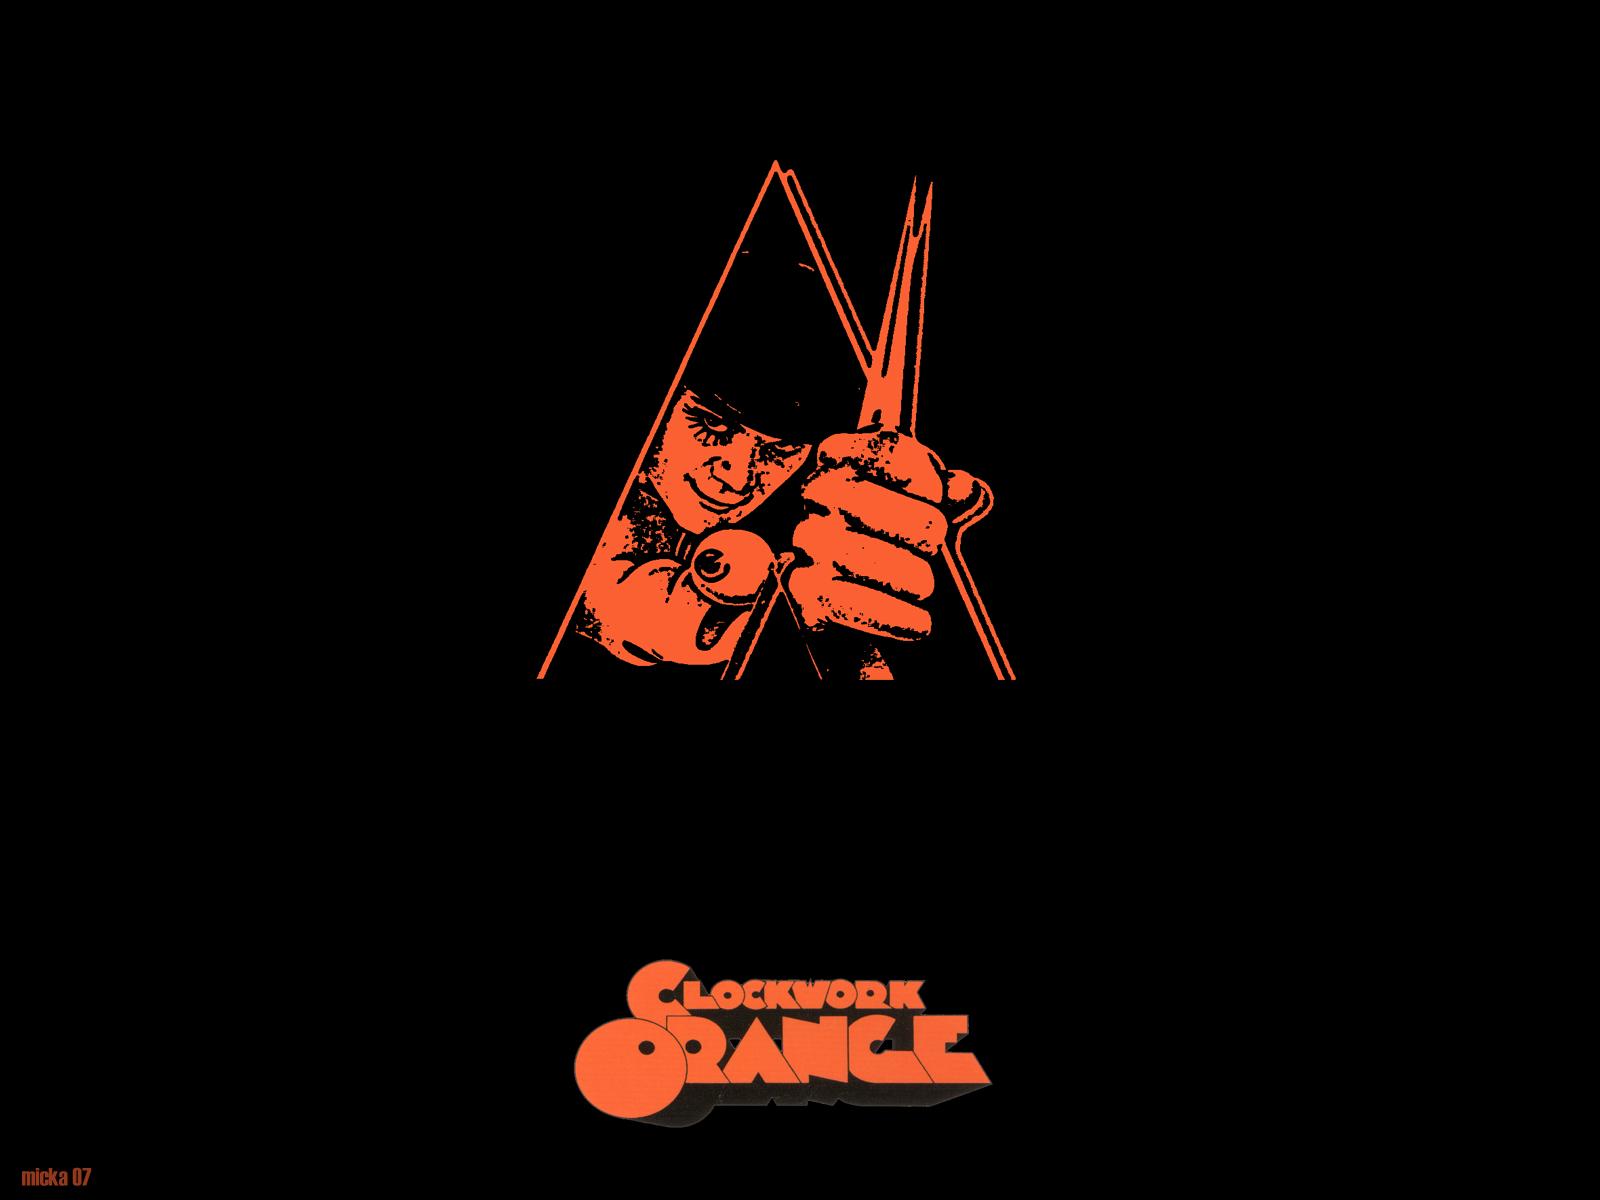 Clockwork Orange 2 by Micinus on DeviantArt A Clockwork Orange Wallpaper